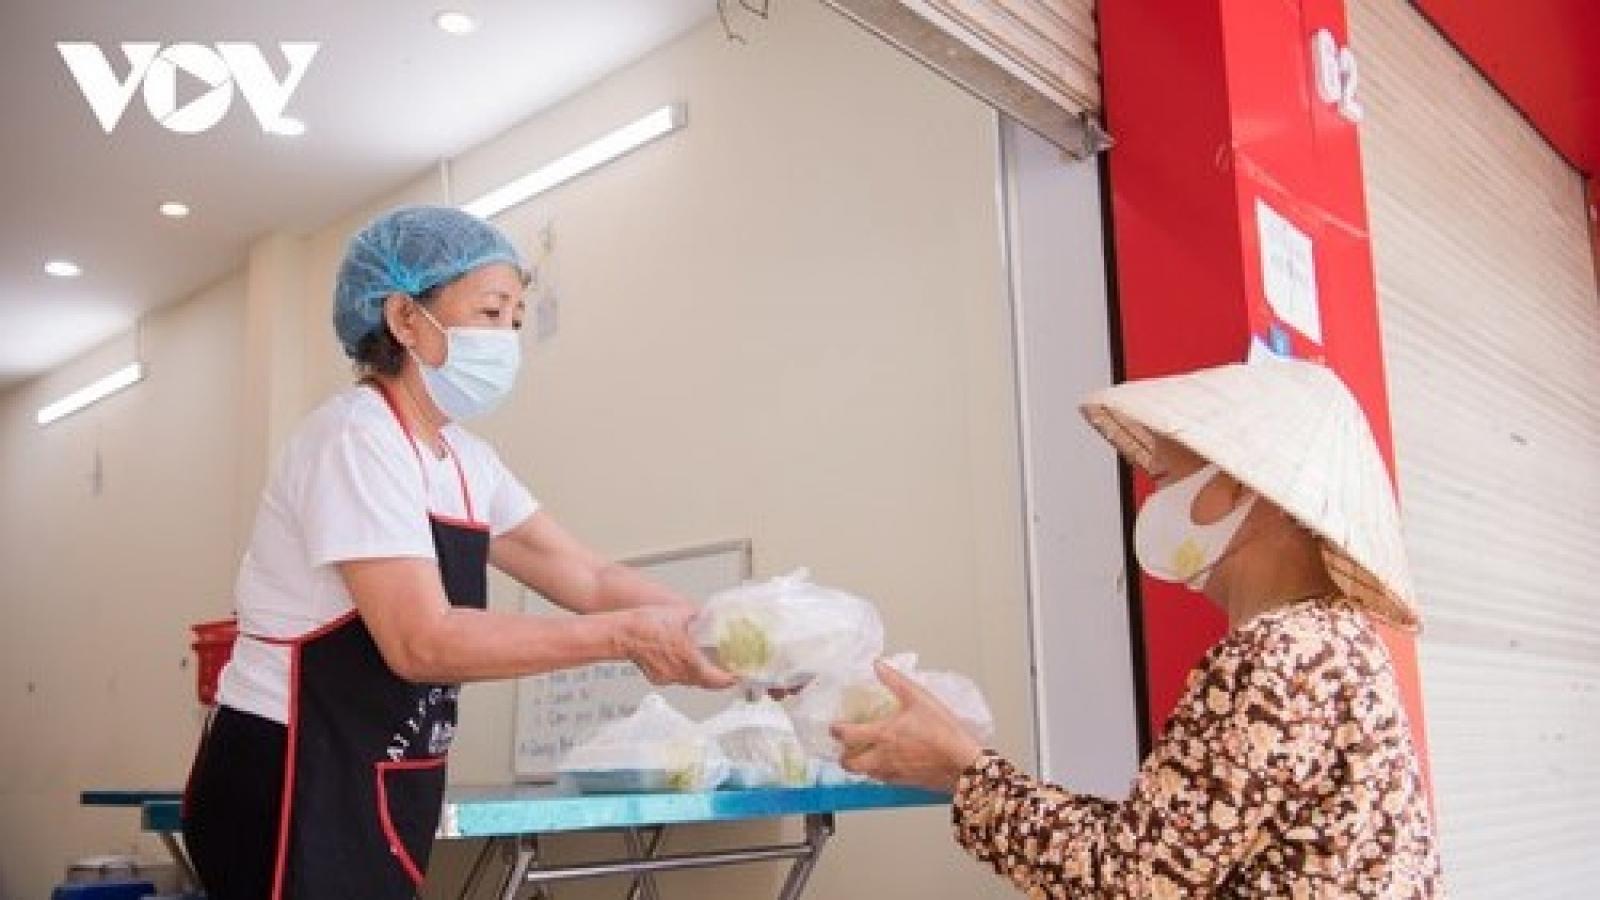 Bộ LĐTBXH đề nghị Quảng Ngãi báo cáo Thủ tướng về việc không hỗ trợ lao động tự do